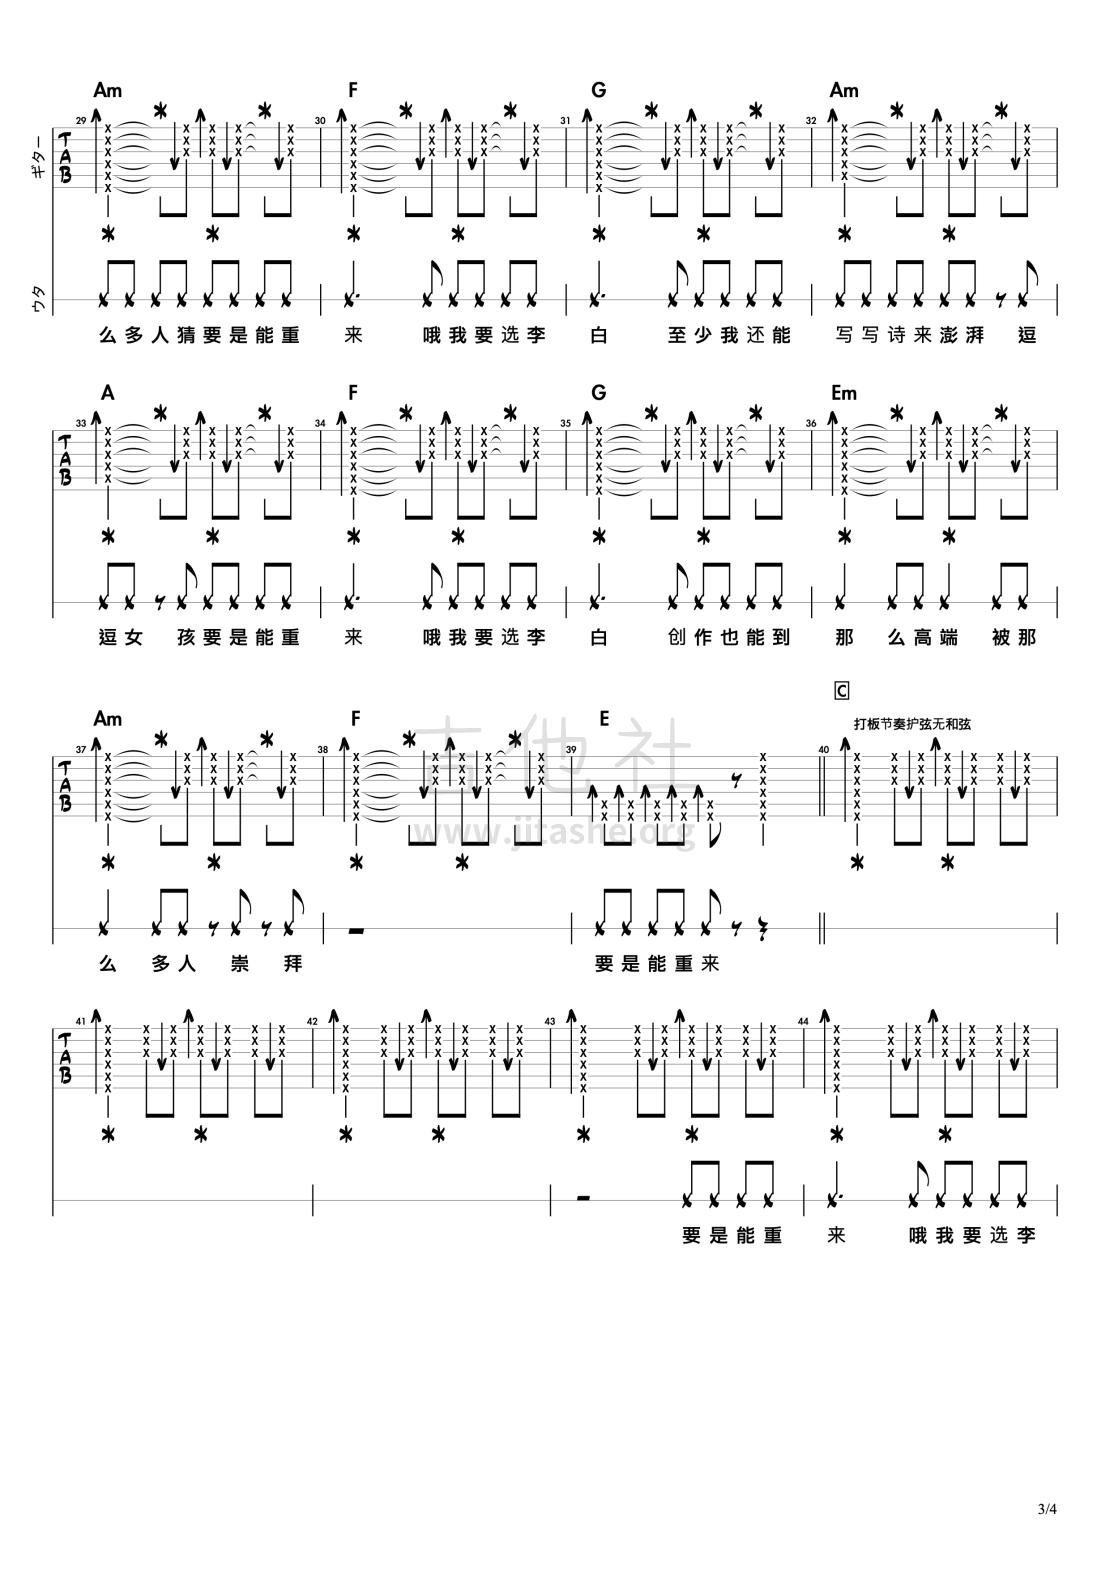 李白(14吉他屋)吉他谱(图片谱,弹唱)_李荣浩_李白#3.png